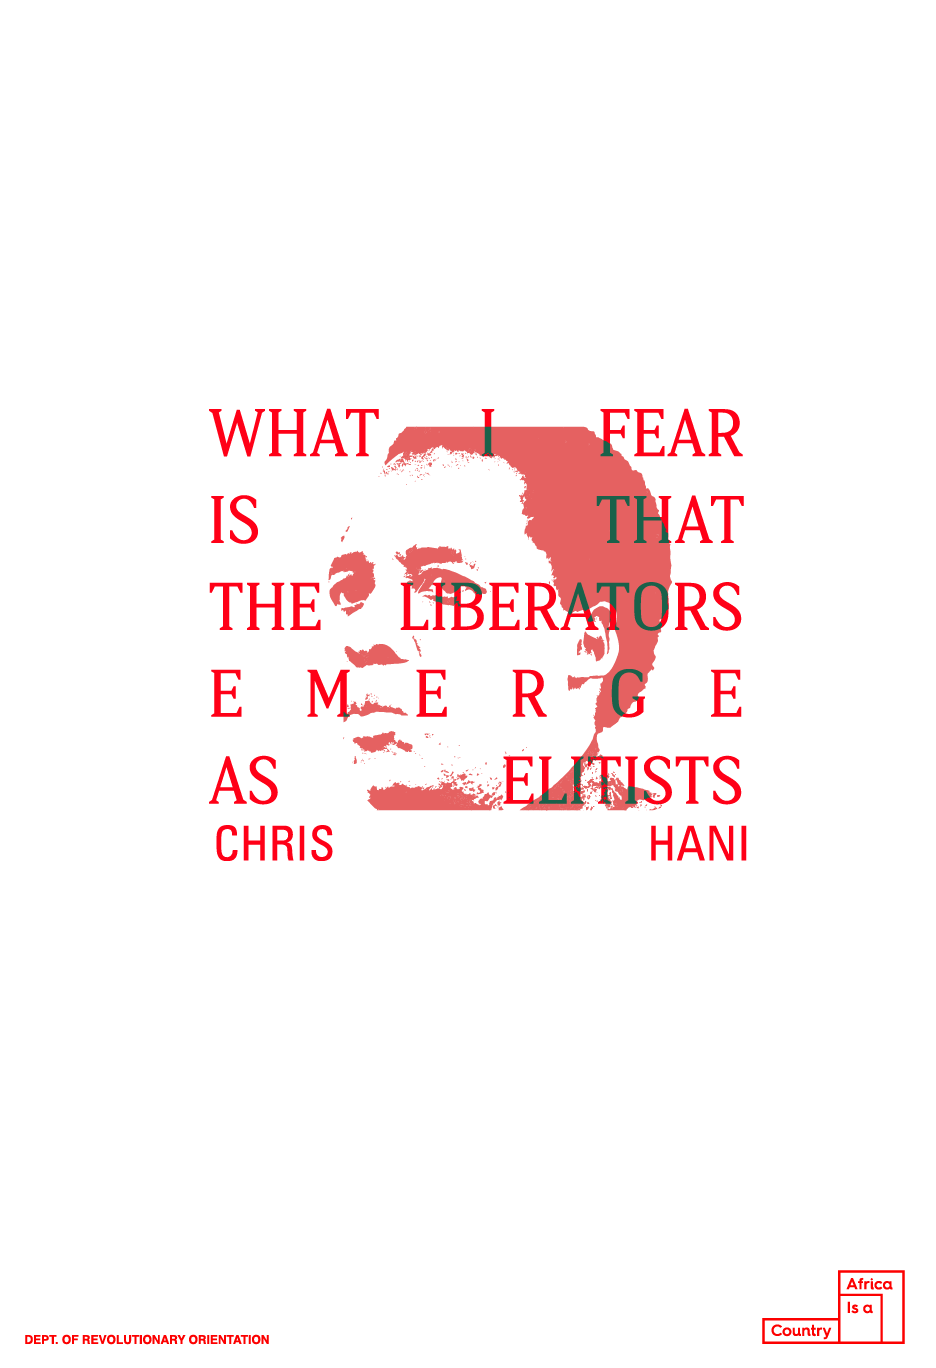 Chris Hani Poster